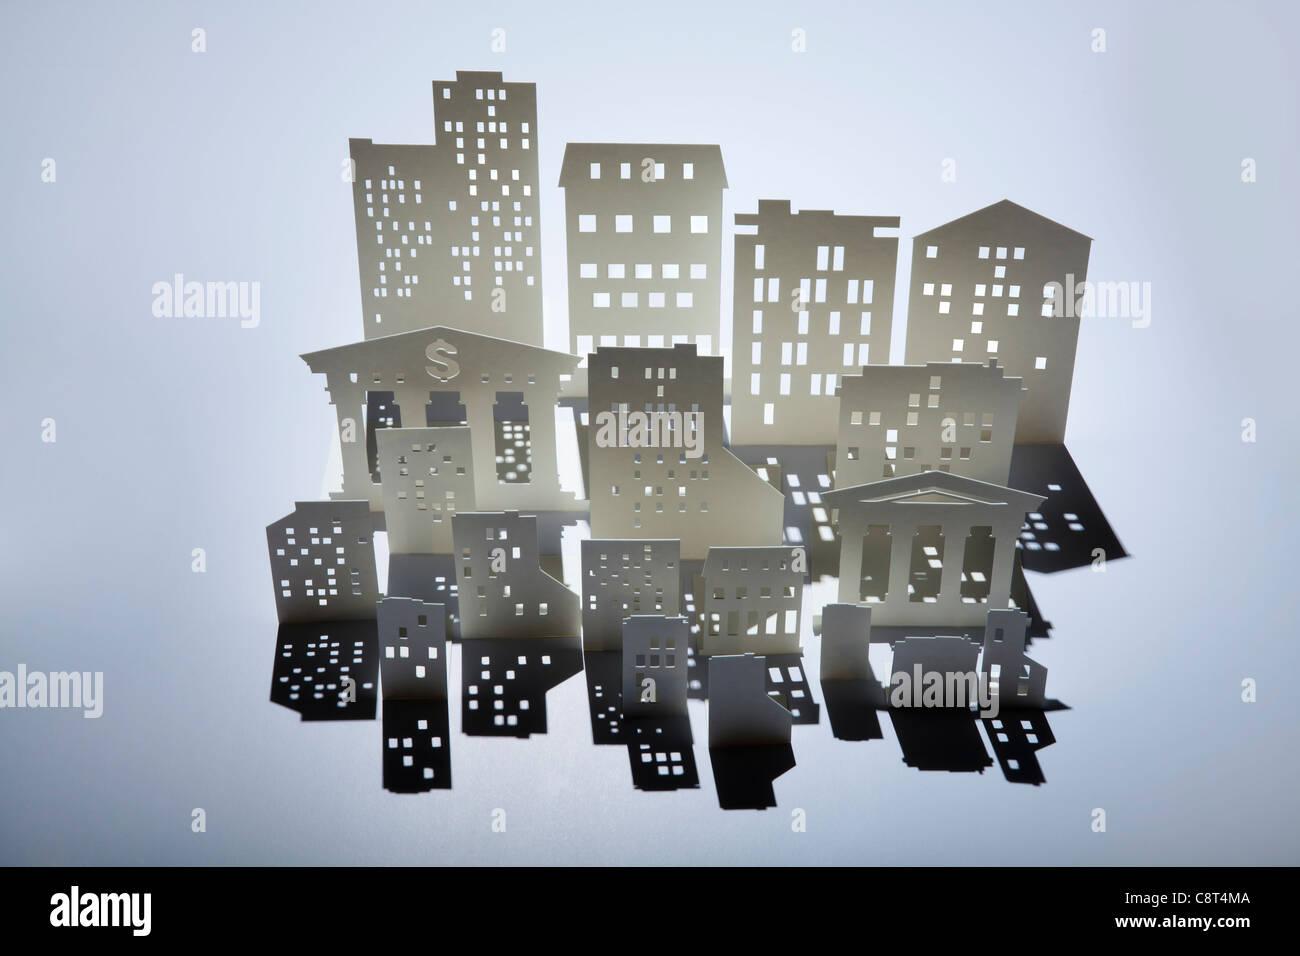 Architekturmodell von Gebäuden und einer Bank mit Dollarzeichen Stockbild